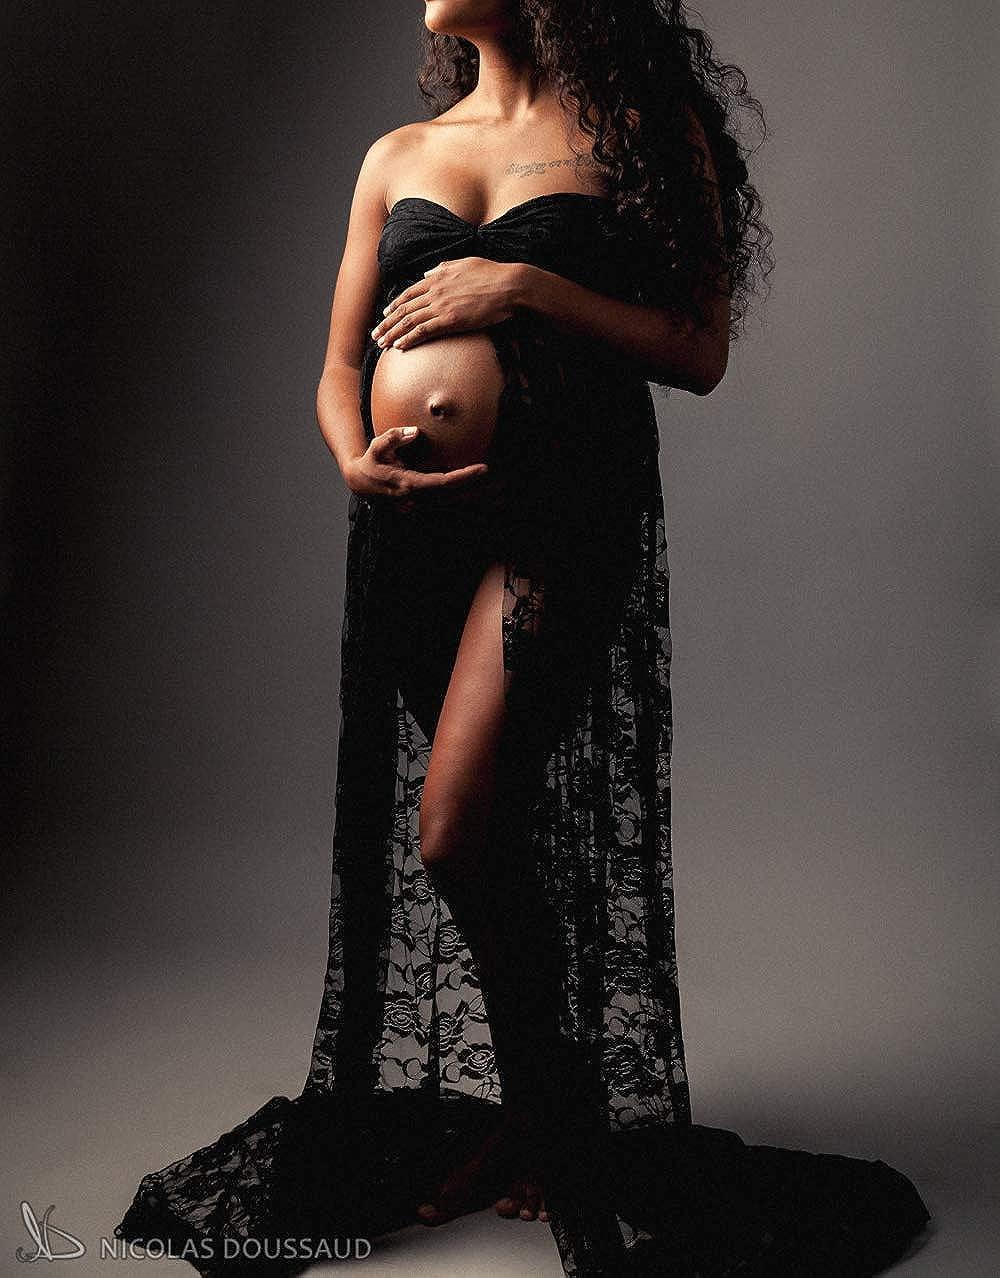 Schwangere Damen Maxikleid Umstandskleid Schwangere Fotografie Fotoshooting